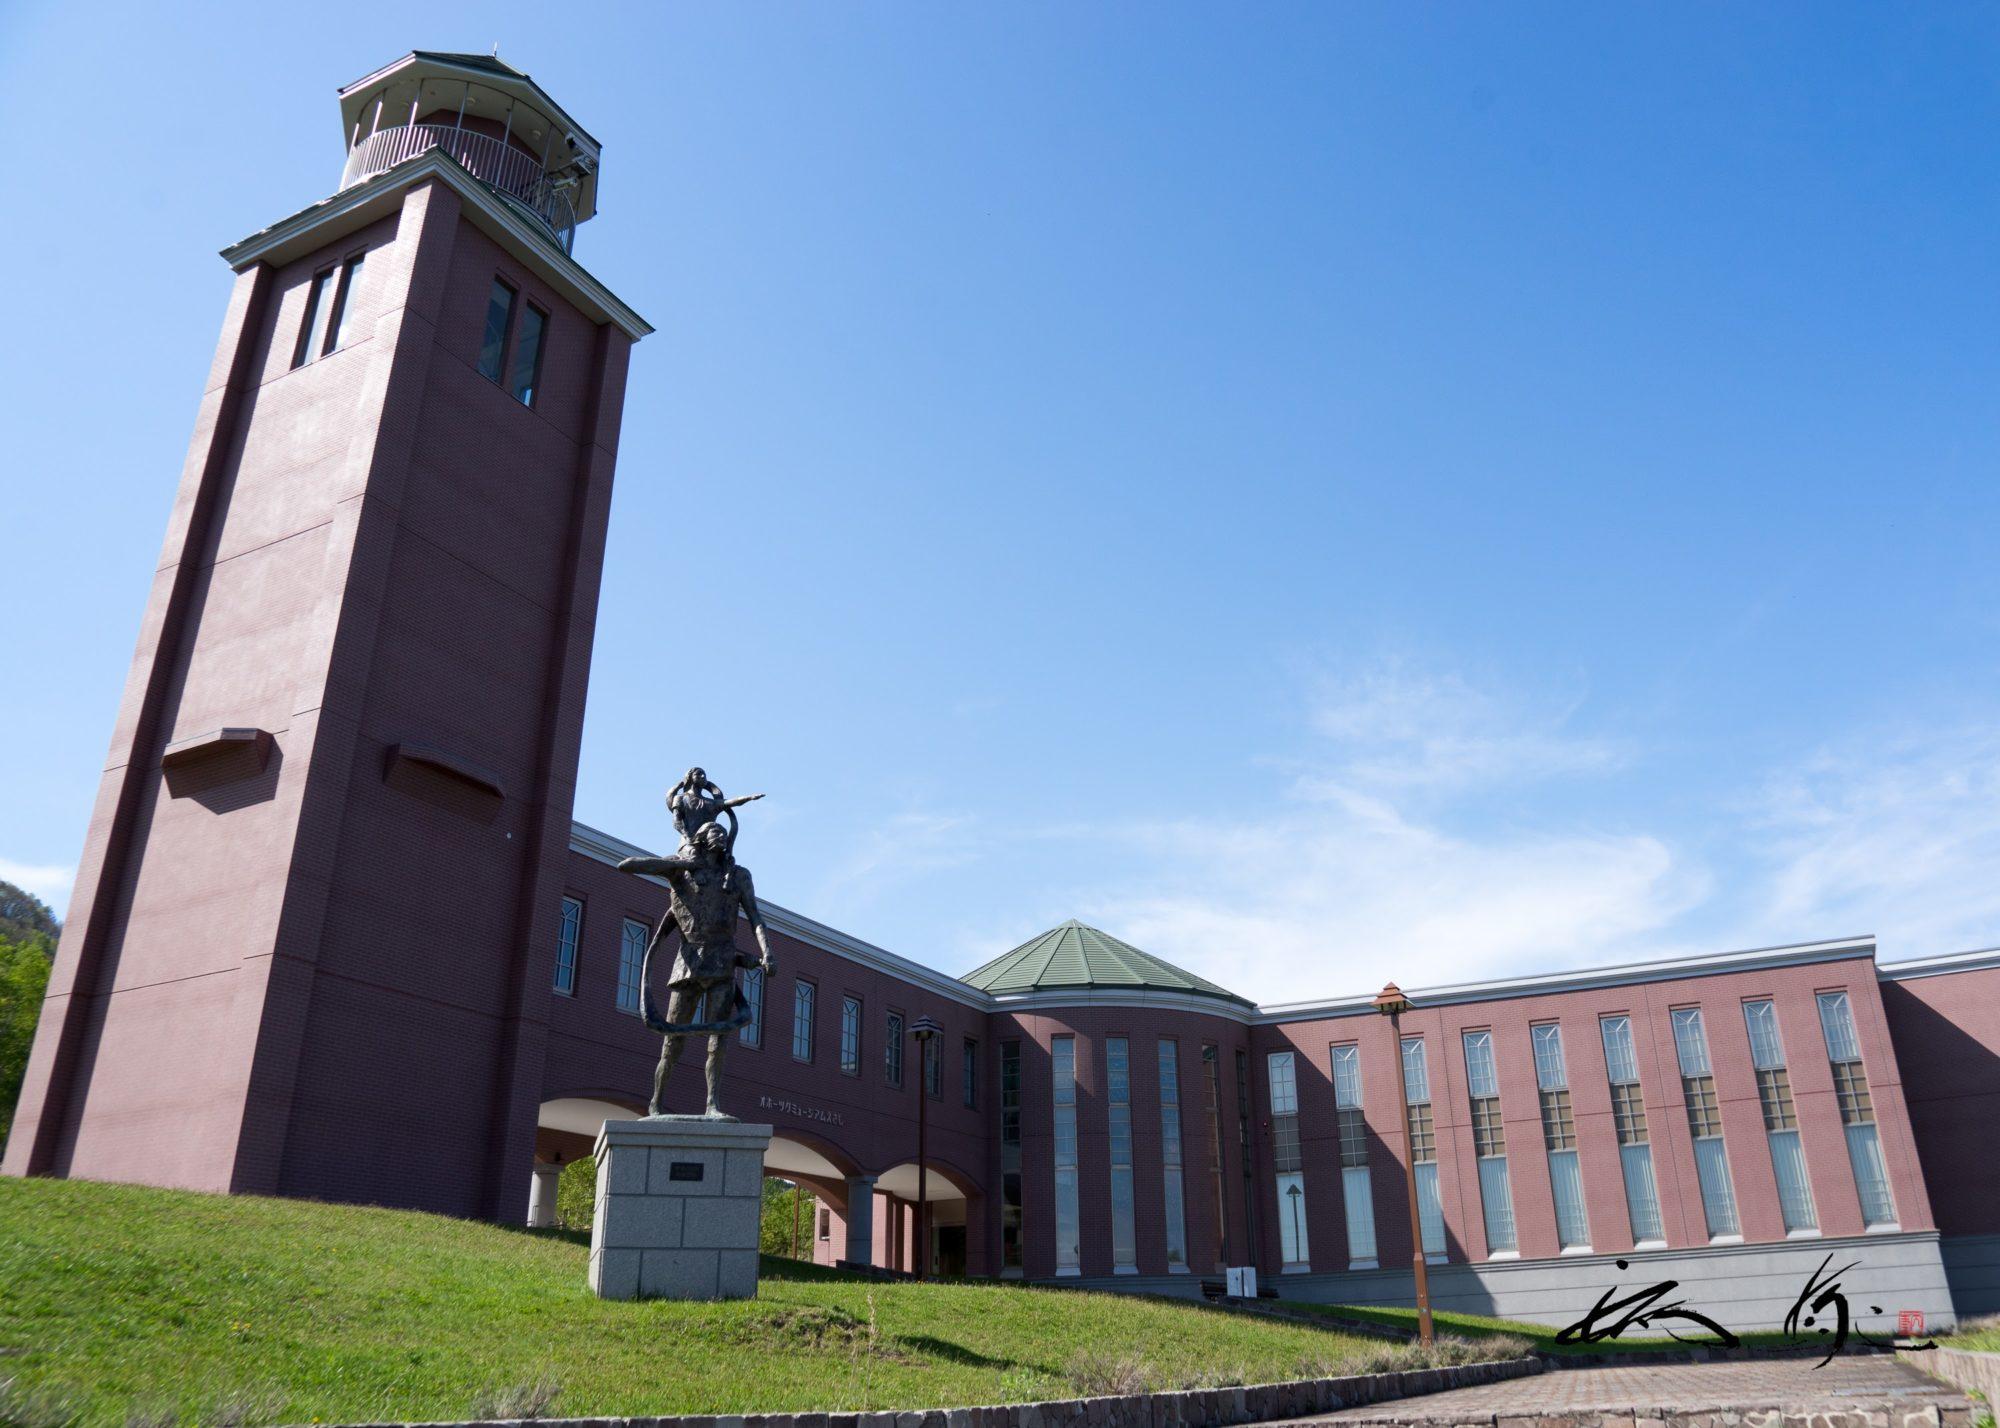 オホーツクミュージアムえさし(枝幸町)でデスモスチルスと初対面